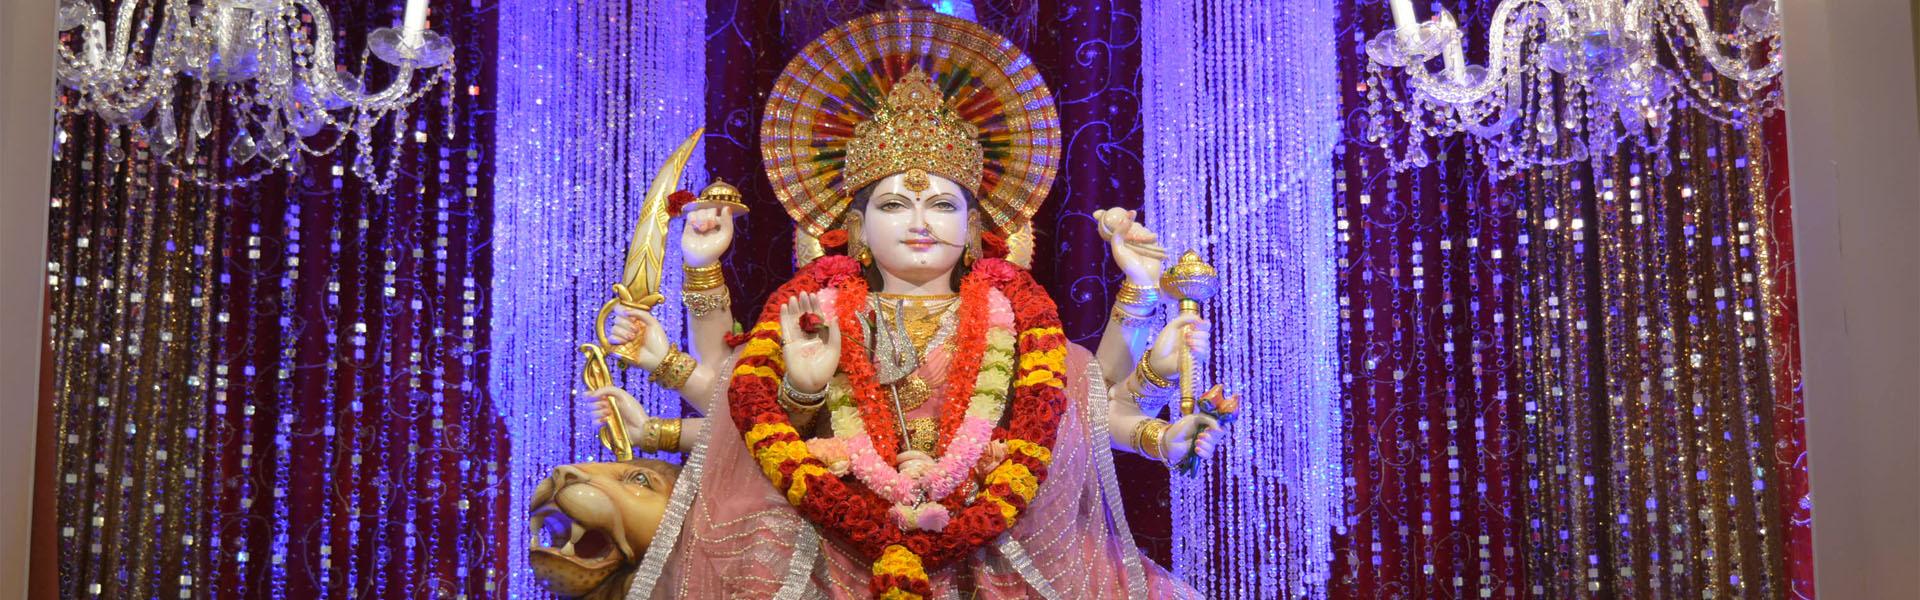 Fullsize Of Vraj Temple Pa